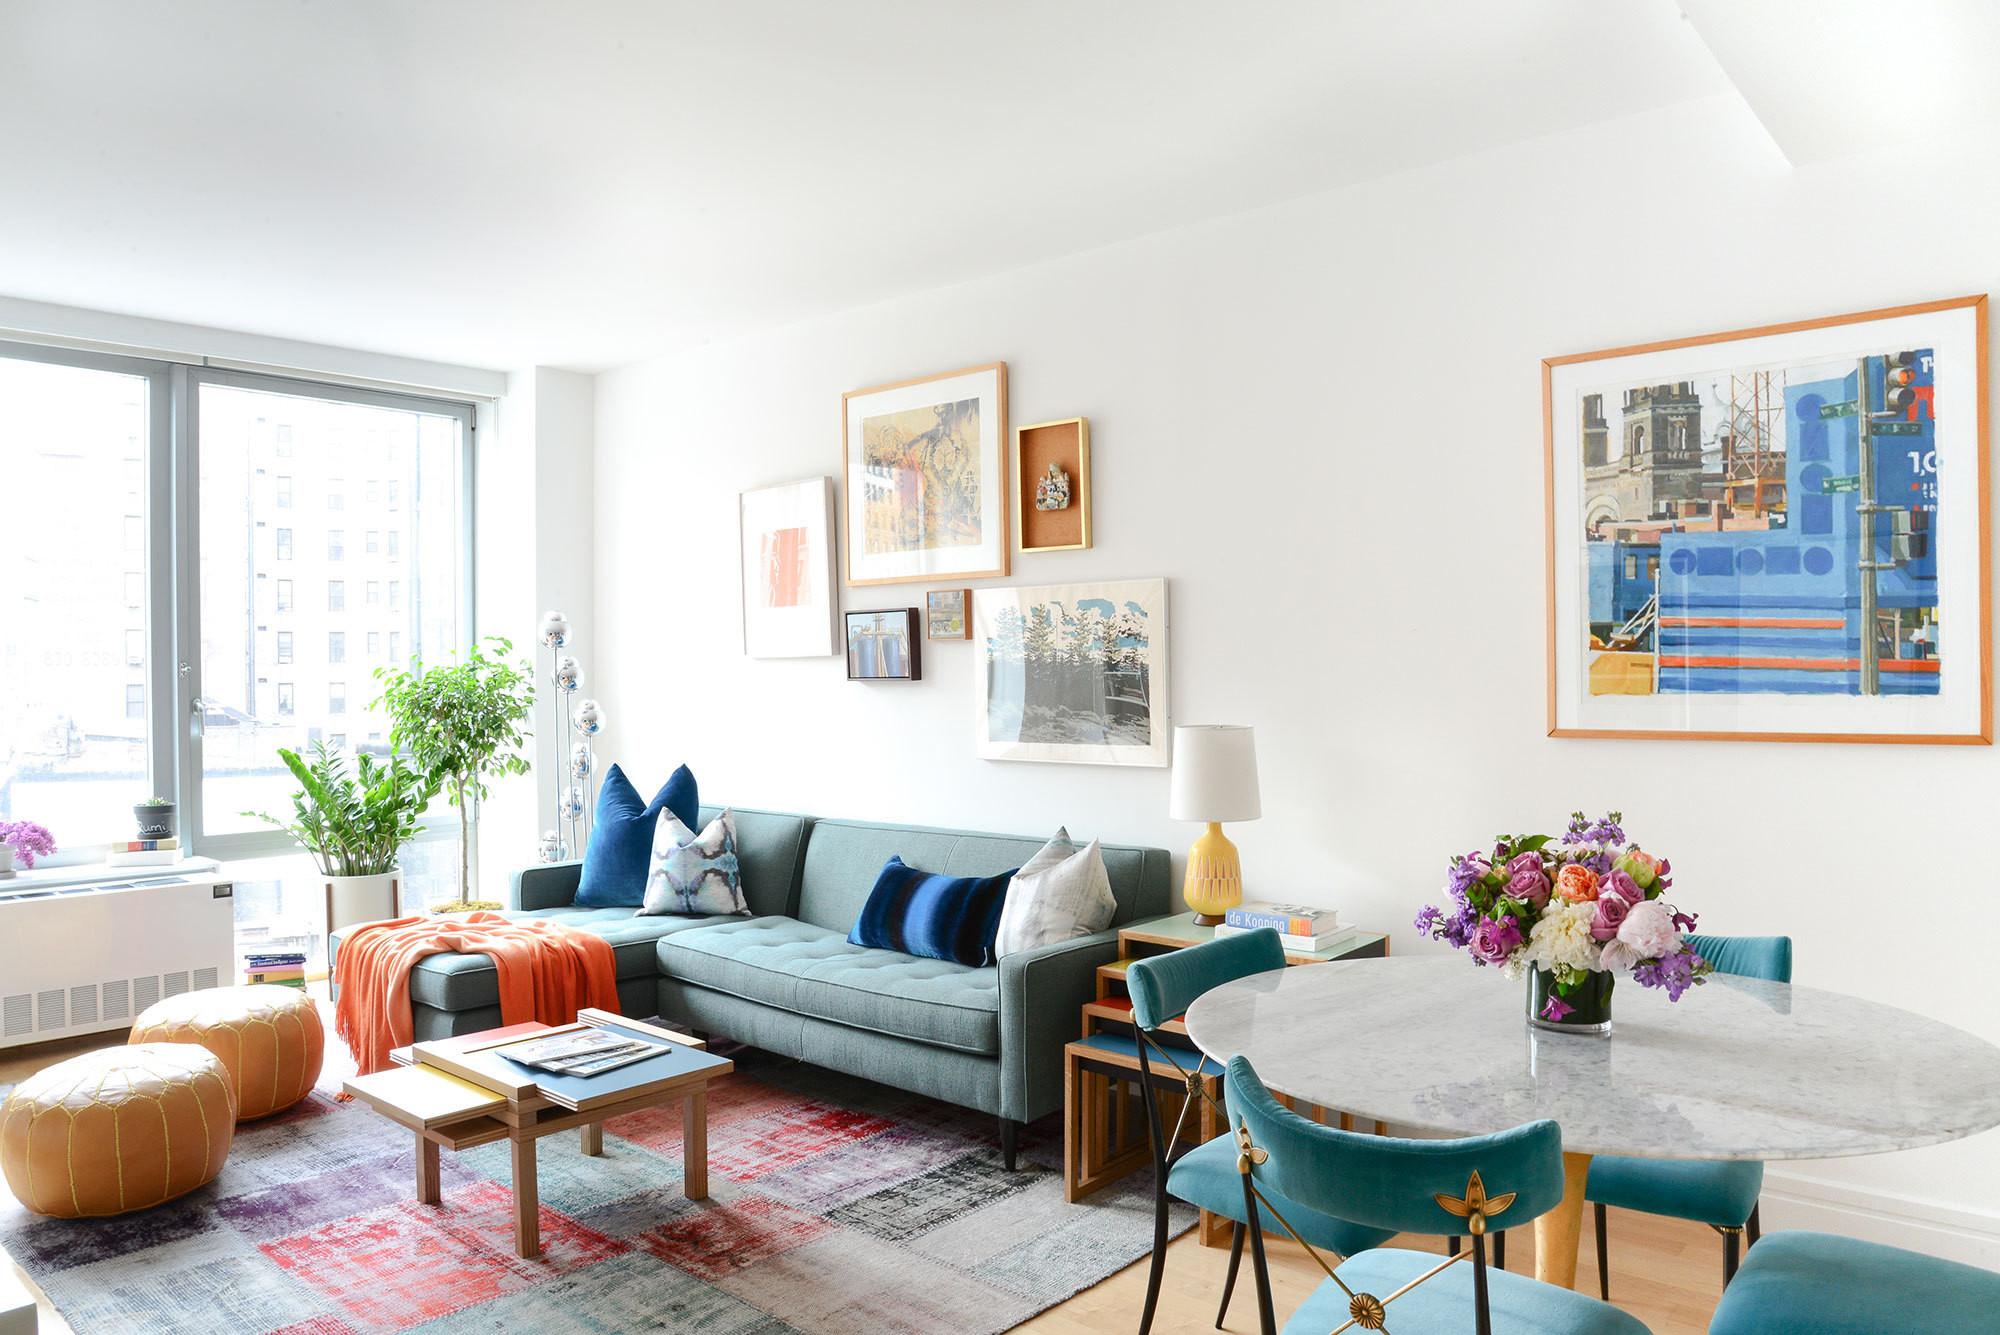 Decorating for Condo Renters | Condo.com Blog